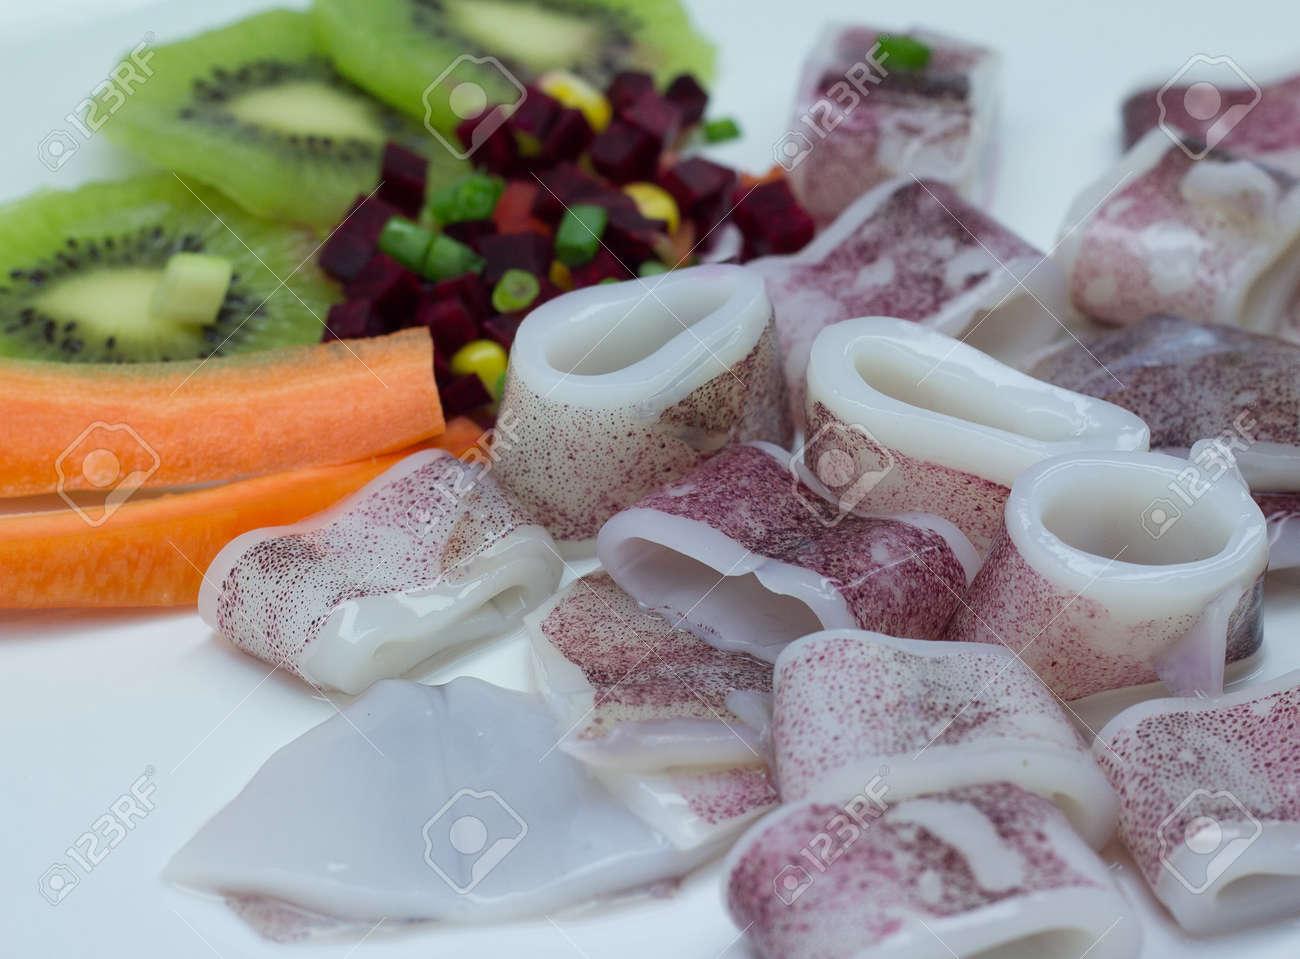 Calamari, inktvis ring, kleurenfoto, koel, knippen, delicatesse ...